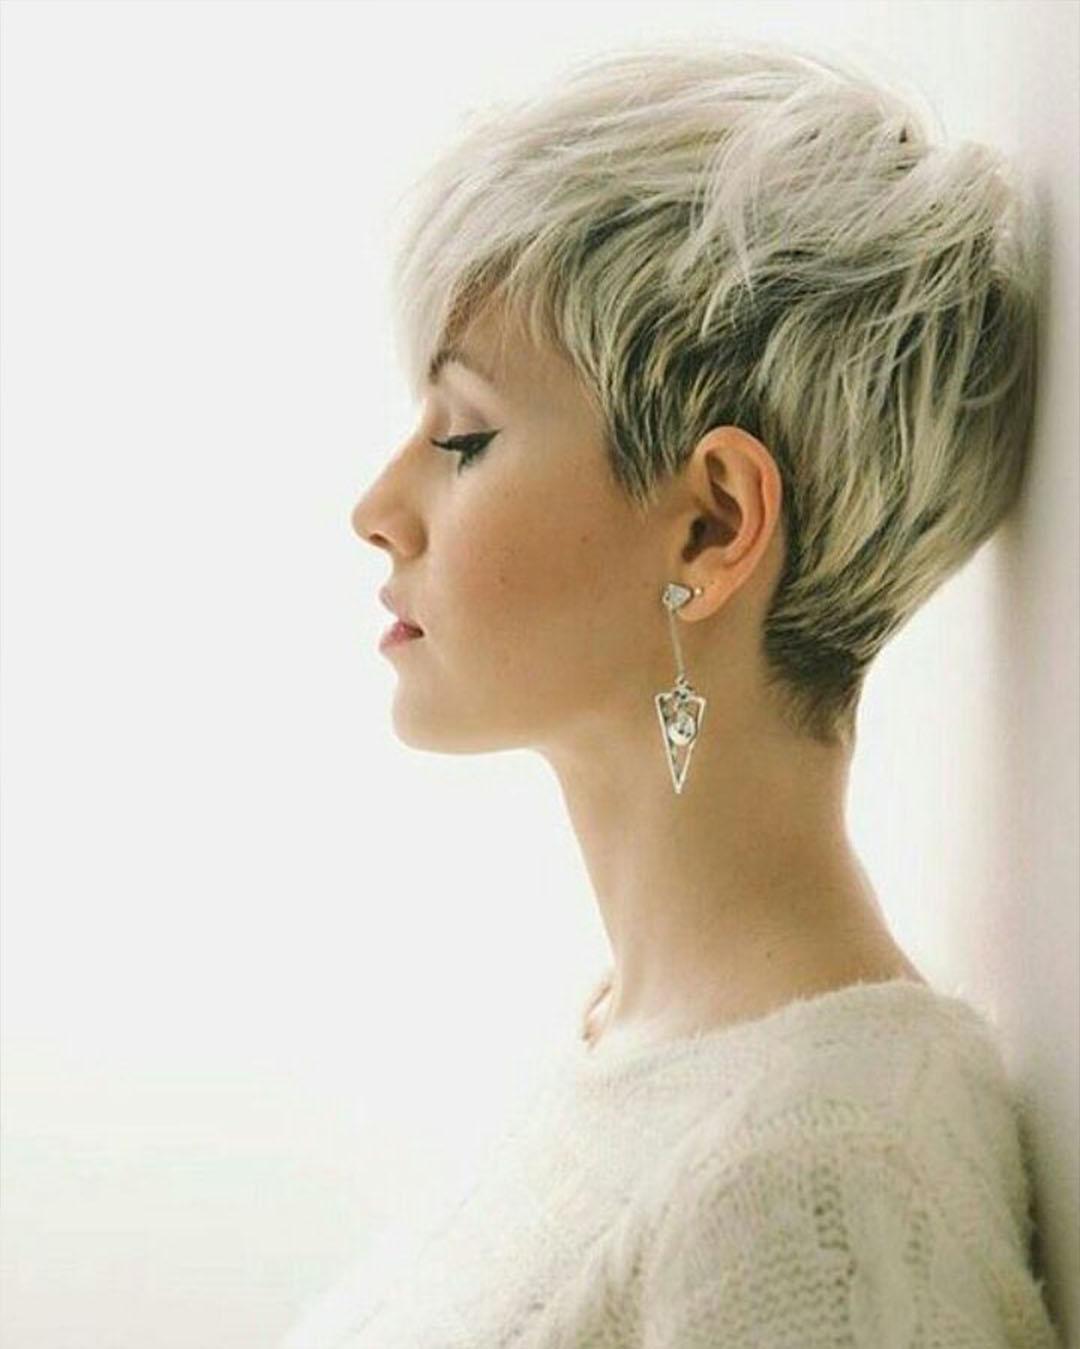 De última generación peinados pelos cortos Galería de cortes de pelo Consejos - Peinados MODERNOS para mujer con pelo corto - ElSexoso